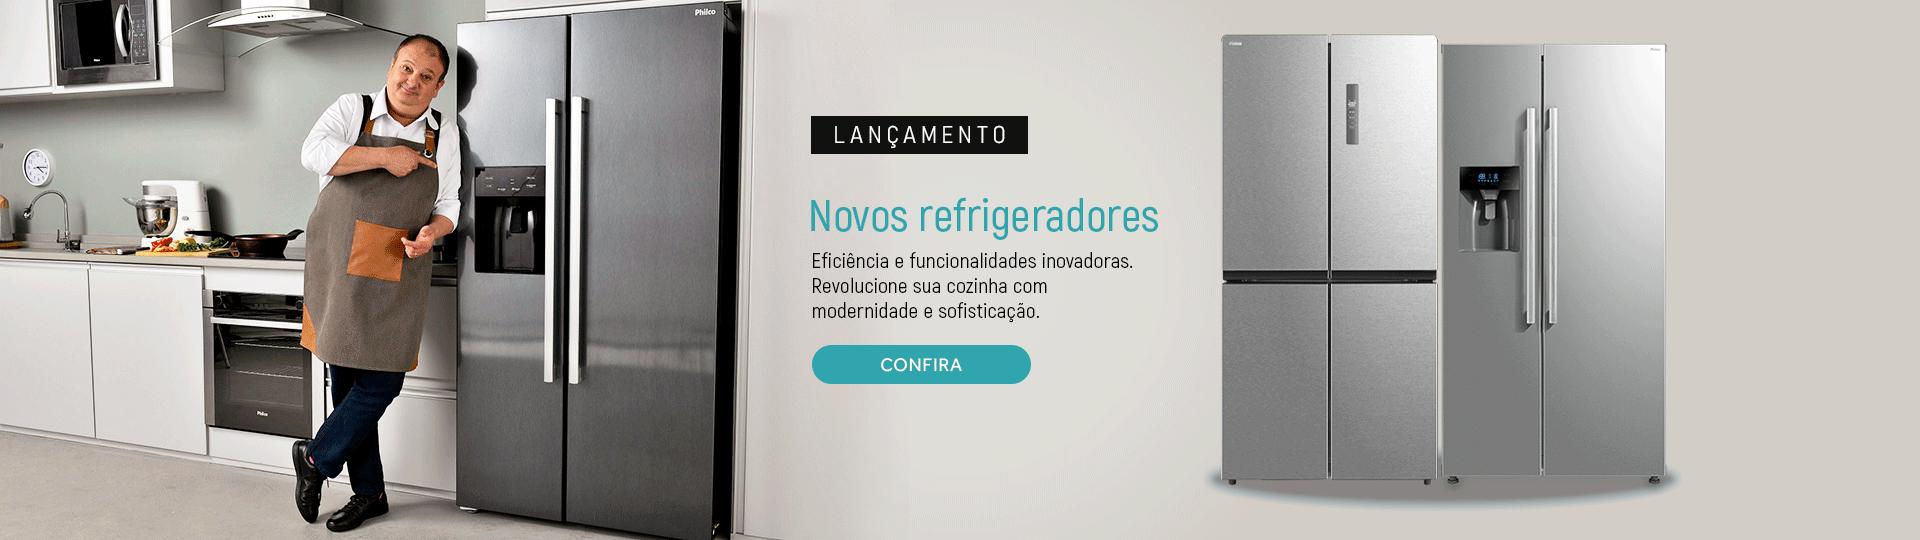 DESKTOP - REFRIGERADORES LAN